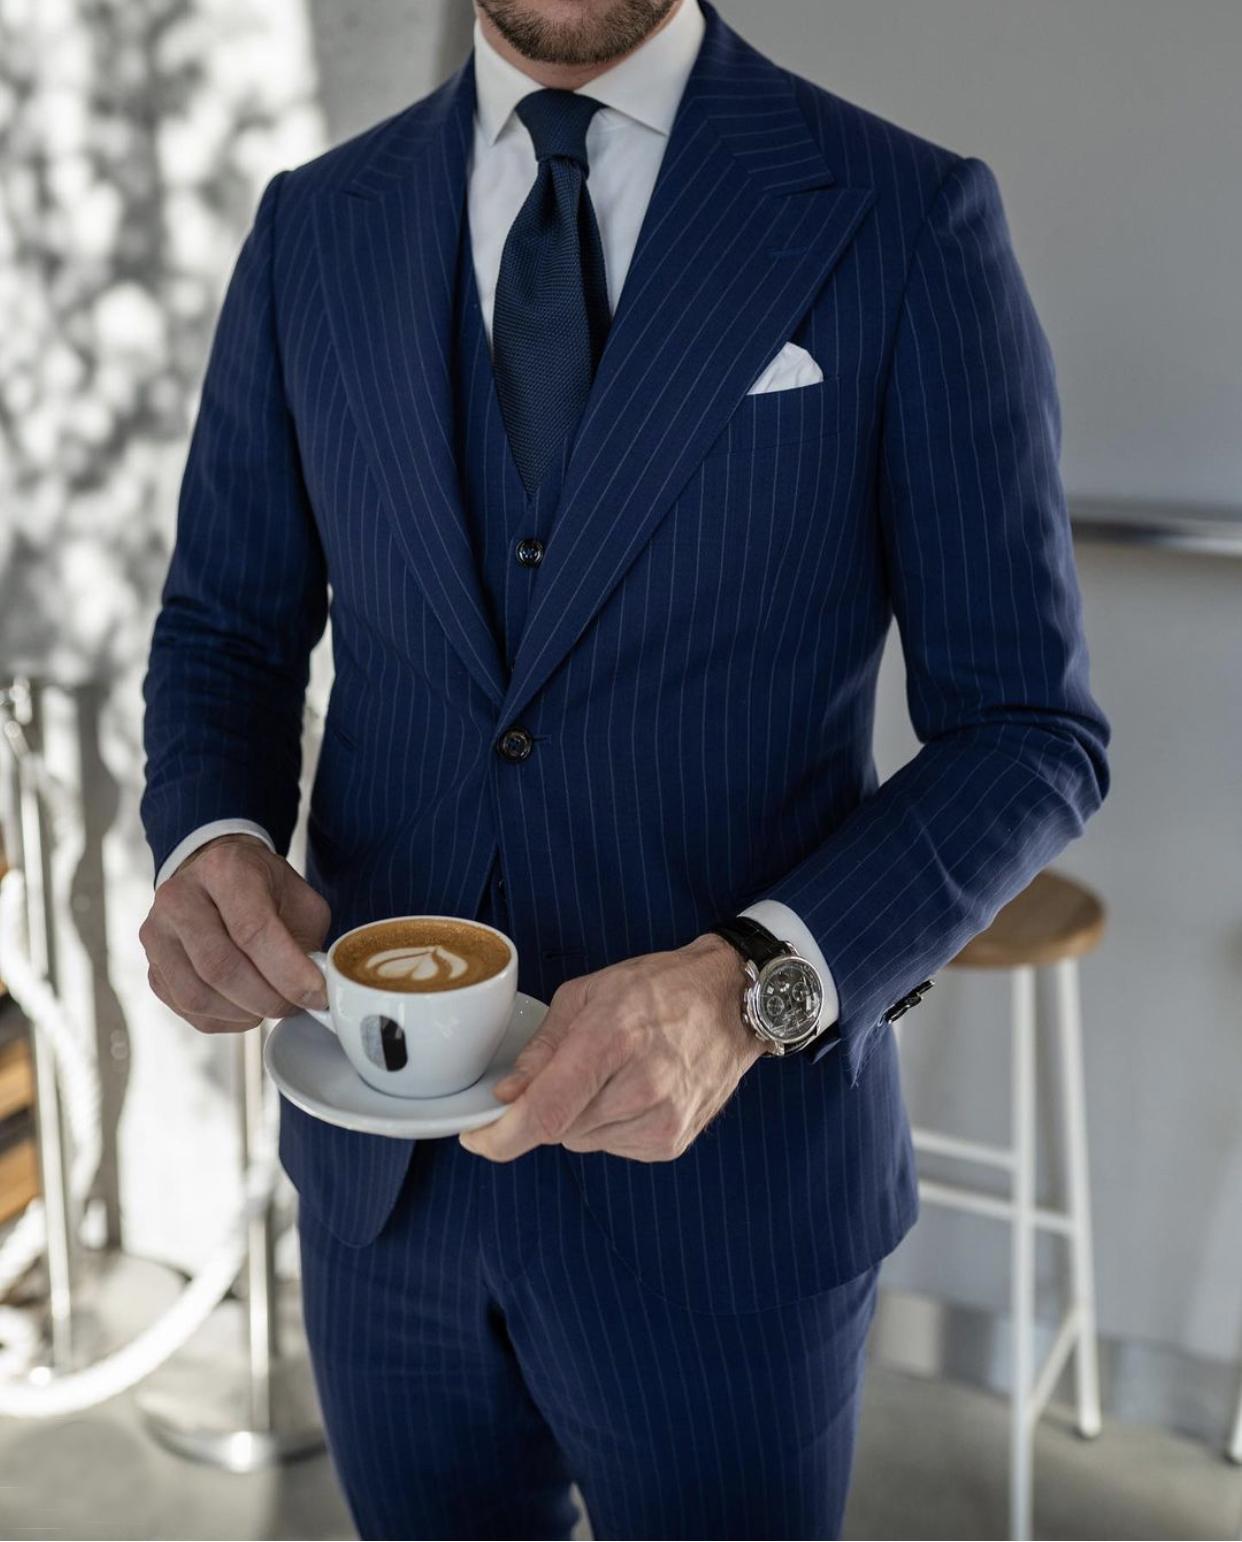 2021 الأزرق الداكن حبل الشريط الزفاف البدلات الرسمية رجالي الدعاوى يتأهل ذروة التلبيب حفلة موسيقية بريستمان العريسان السترة التصاميم 3 قطعة مجموعة (سترة + سروال + سترة + التعادل) مخصص